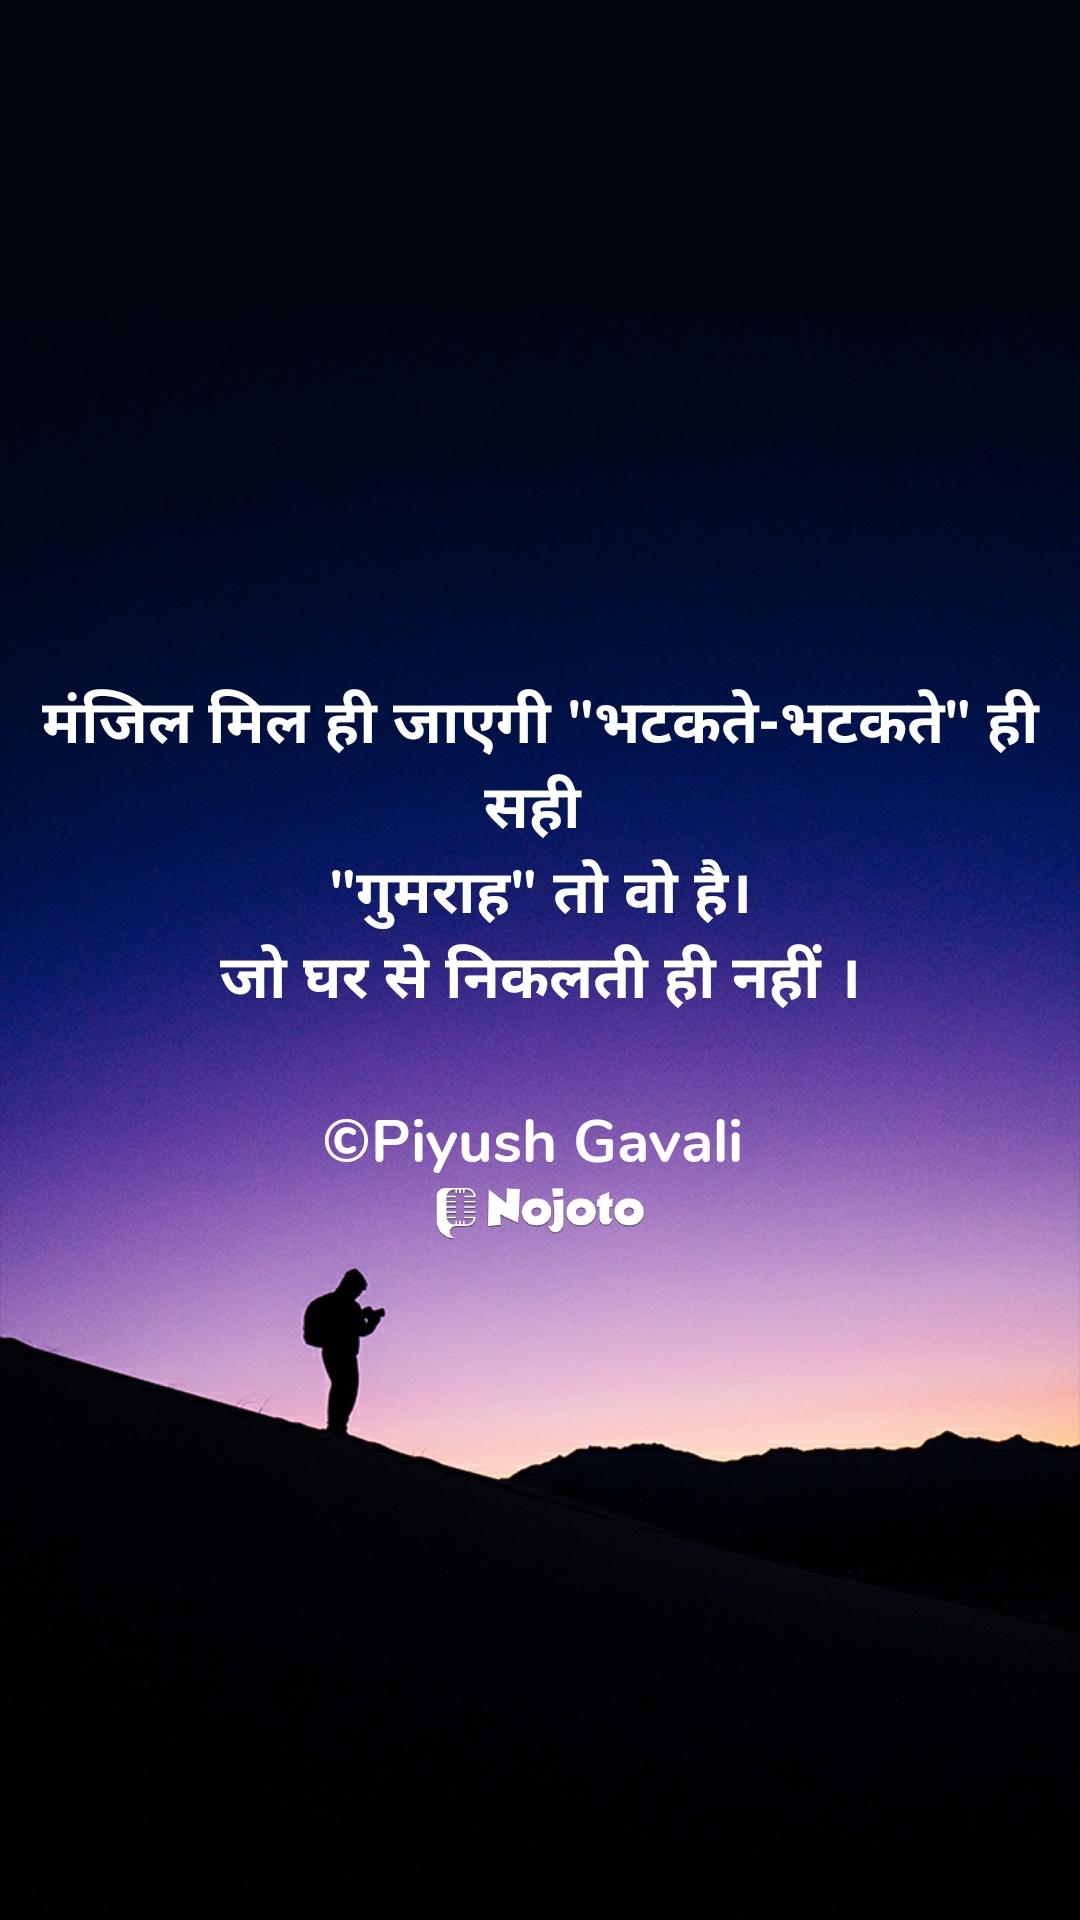 """मंजिल मिल ही जाएगी """"भटकते-भटकते"""" ही सही  """"गुमराह"""" तो वो है। जो घर से निकलती ही नहीं ।  ©Piyush Gavali"""